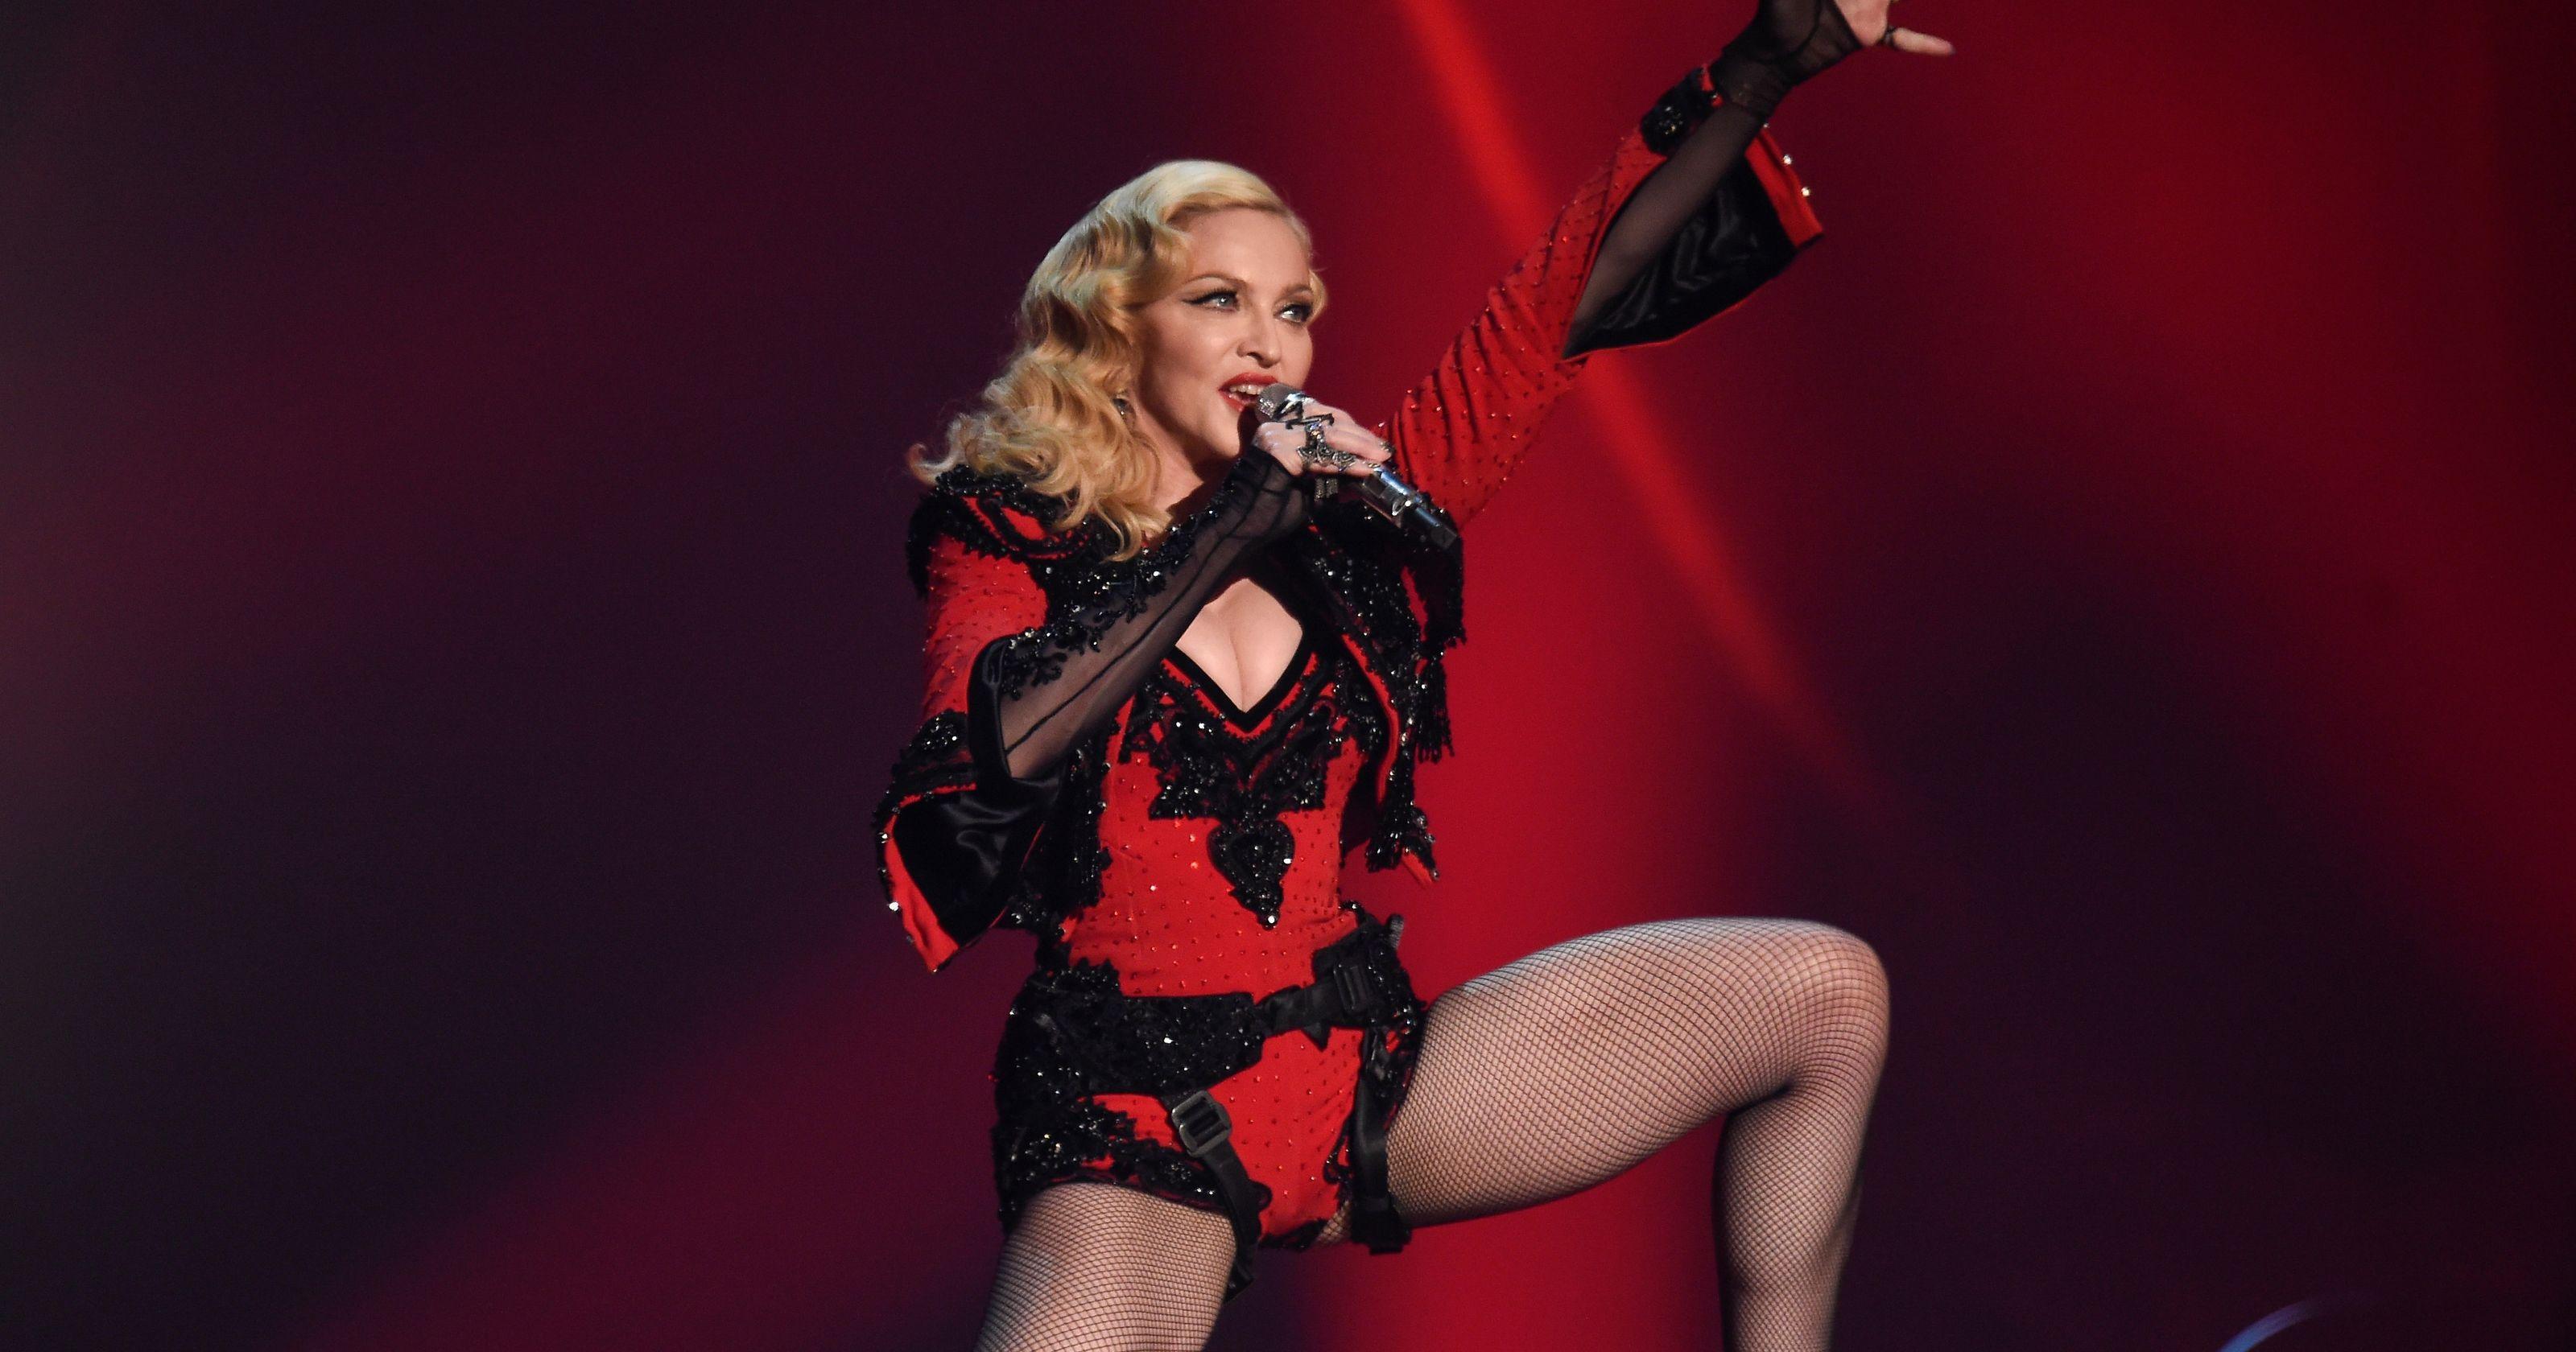 Madonna Widescreen